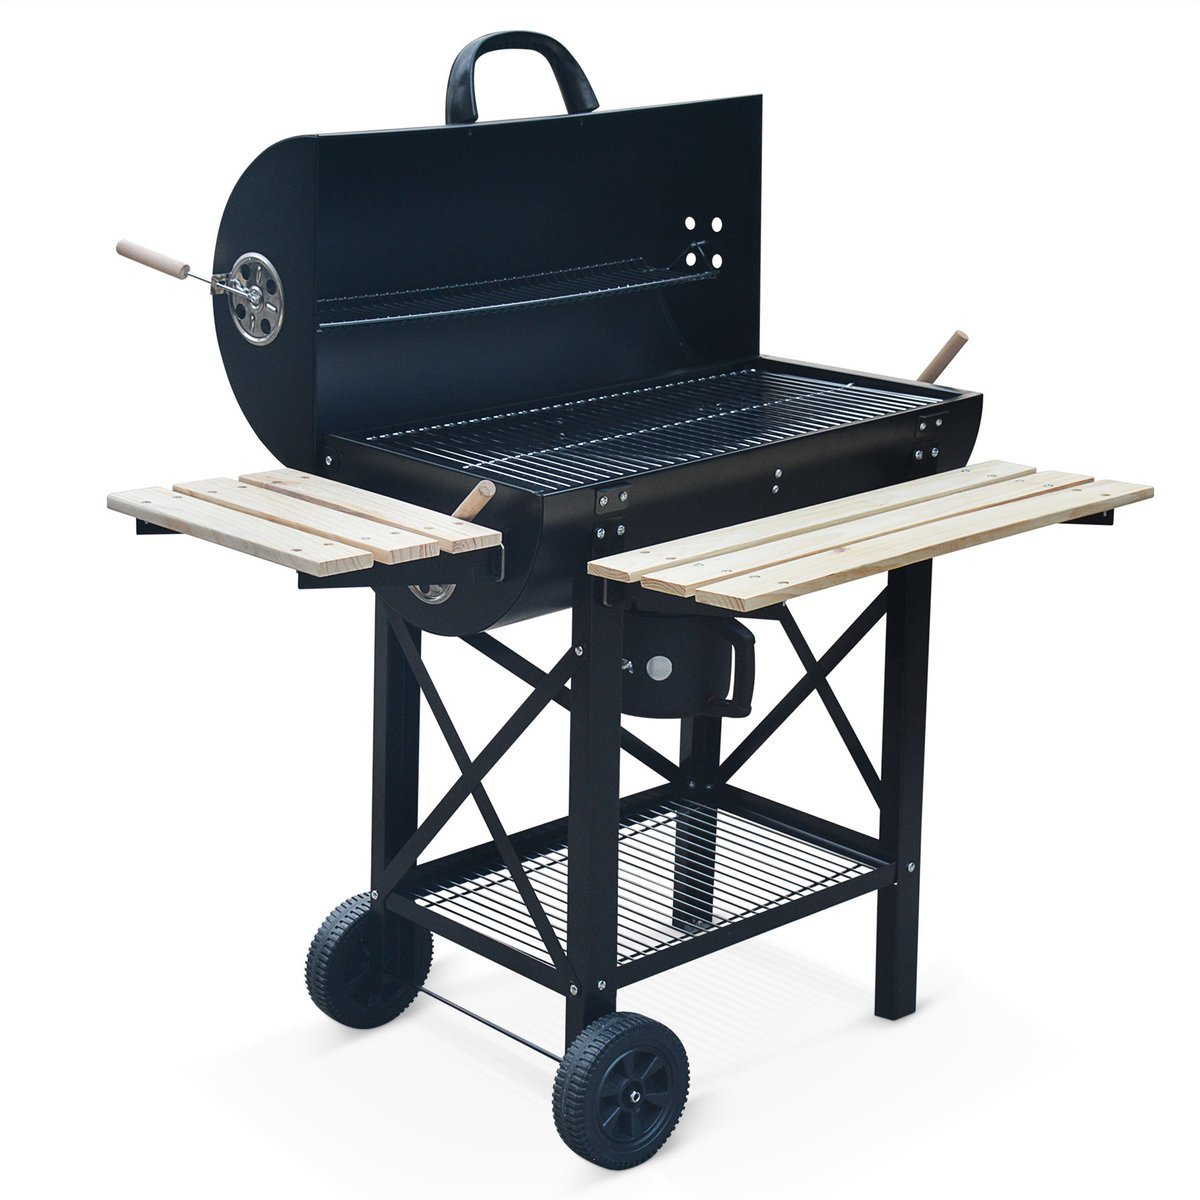 Classement Guide D Achat Top Barbecues A Charbon En Janv 2021